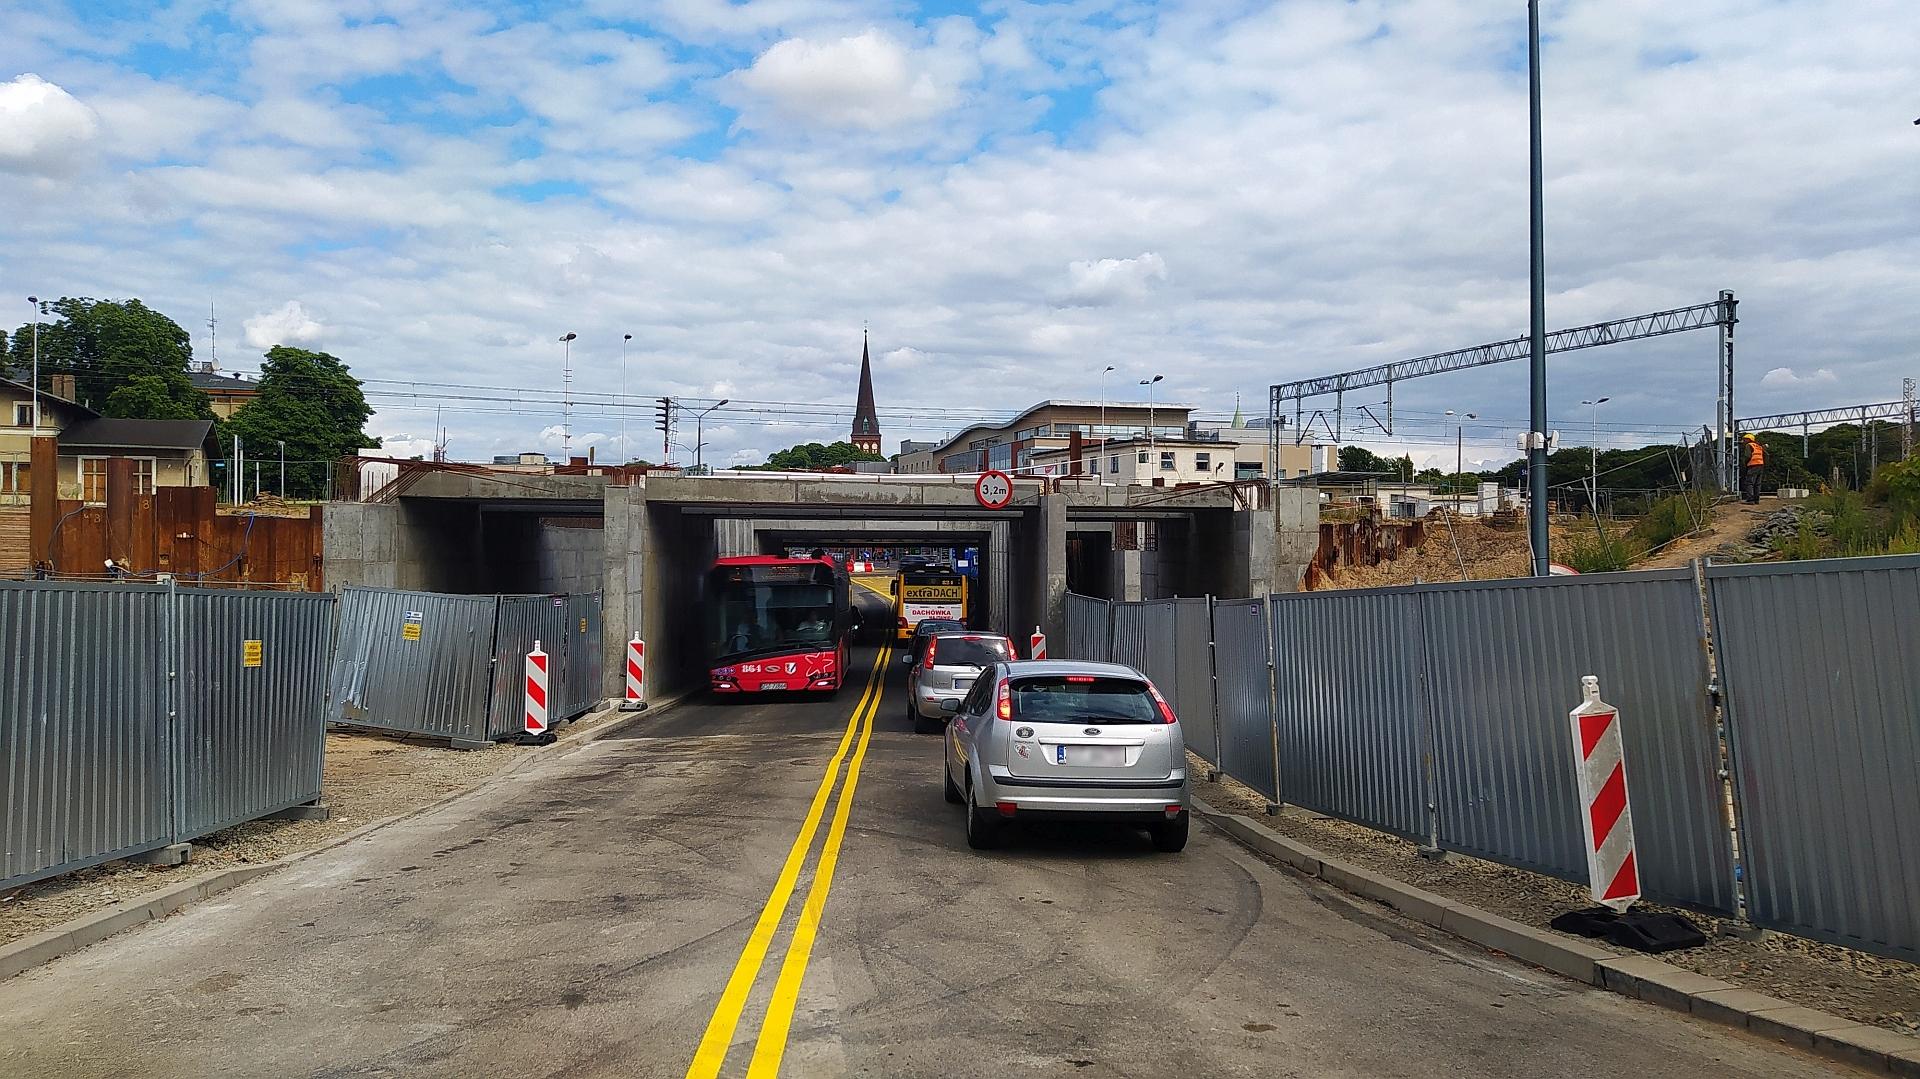 Zdjęcie przedstawia otwarty wiadukt na ul. Składowej w Stargardzie. Pod obiektem przejeżdżają samochody.